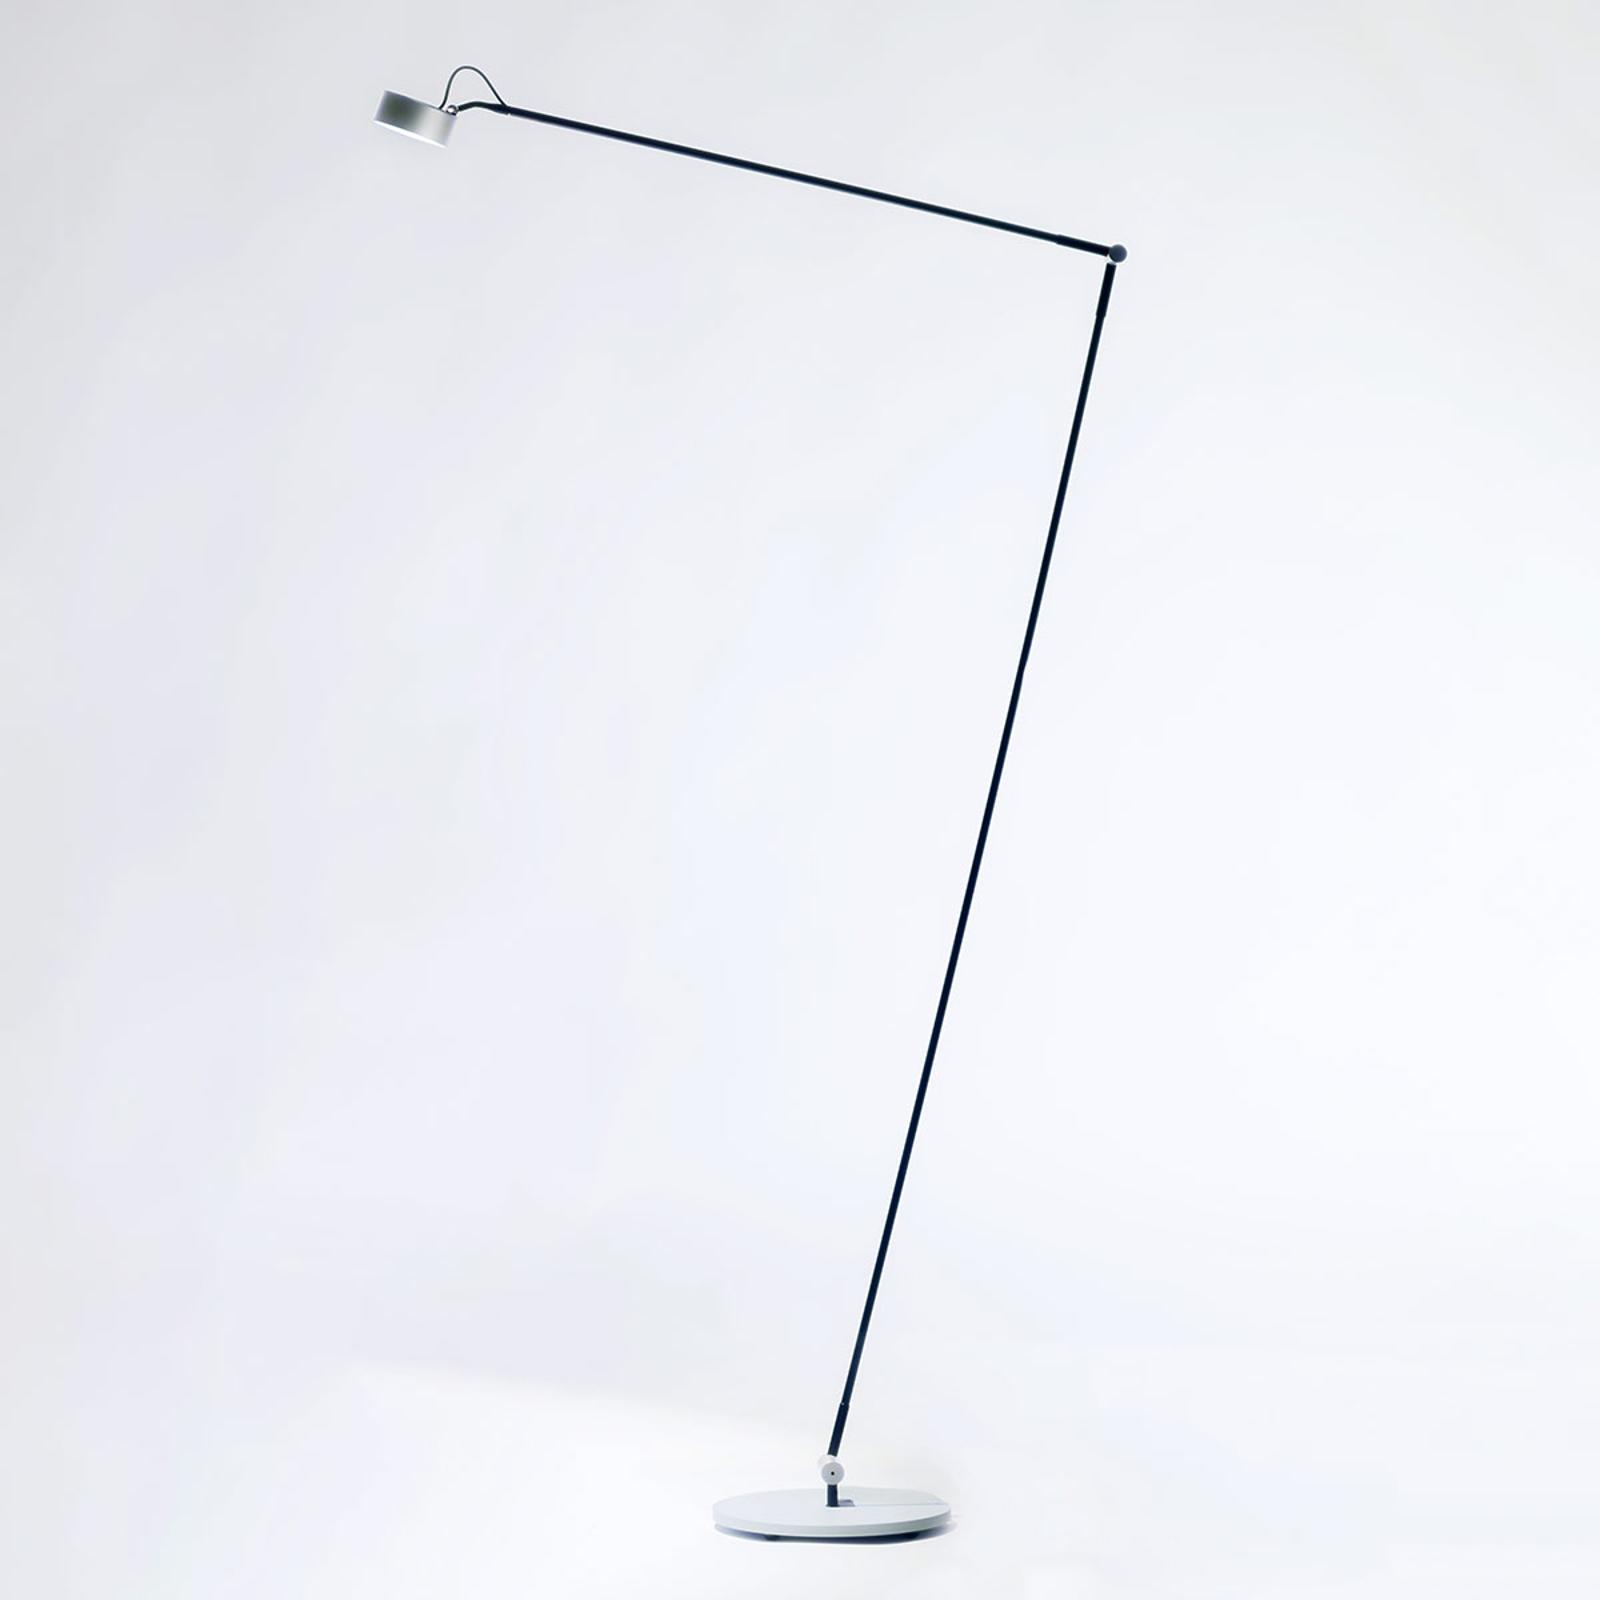 LED-gulvlampe Basica 930 H med arm, sølv